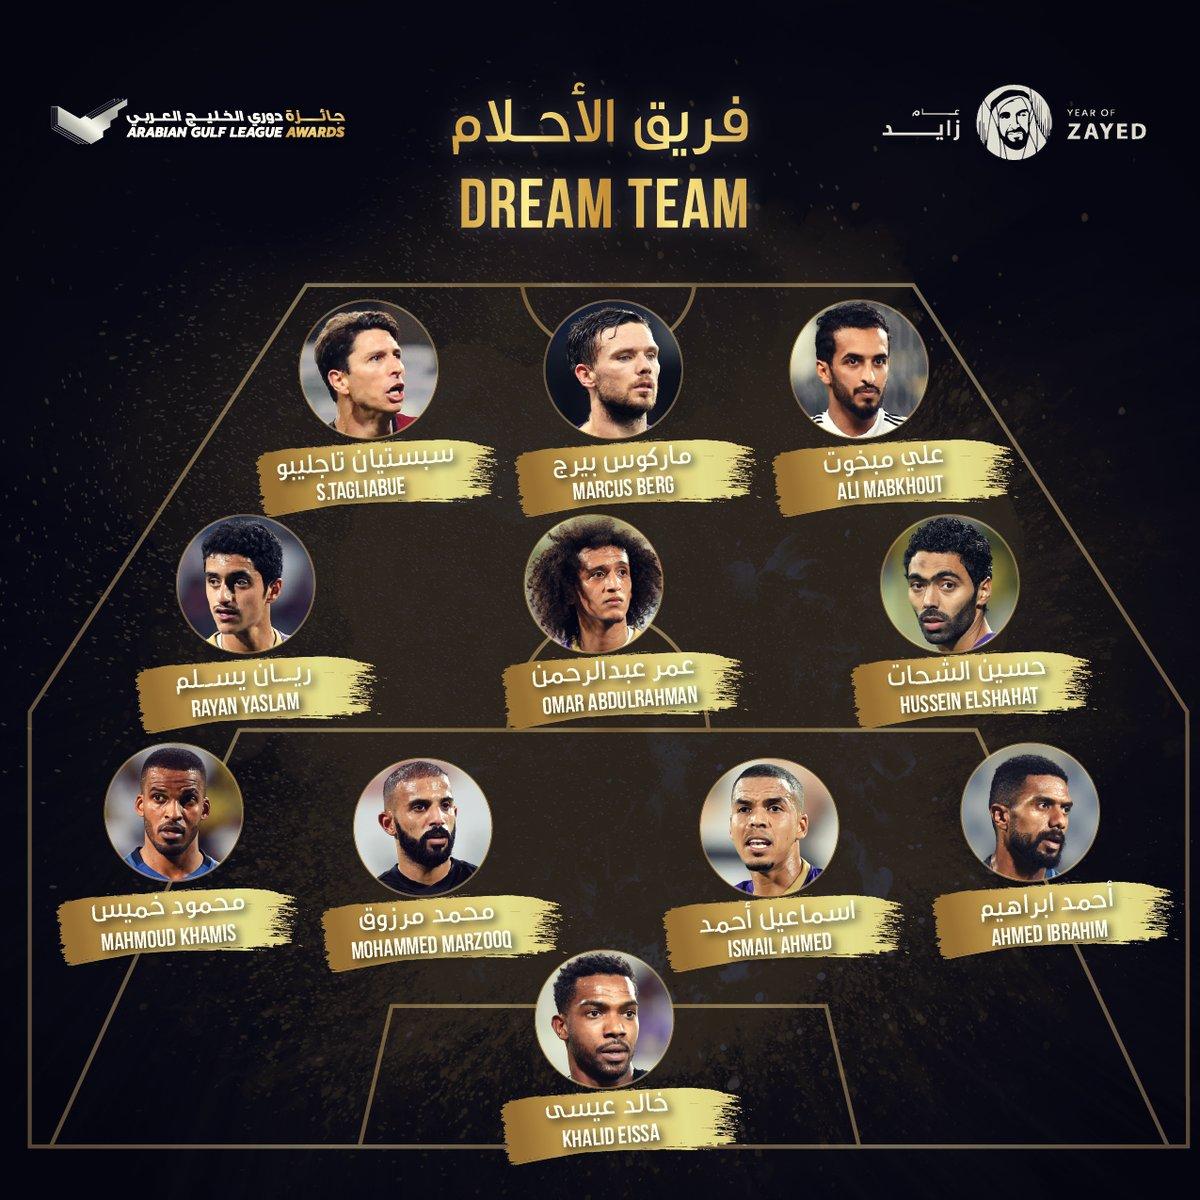 حسين الشحات يتواجد فى فريق الأحلام بالدورى الإماراتى